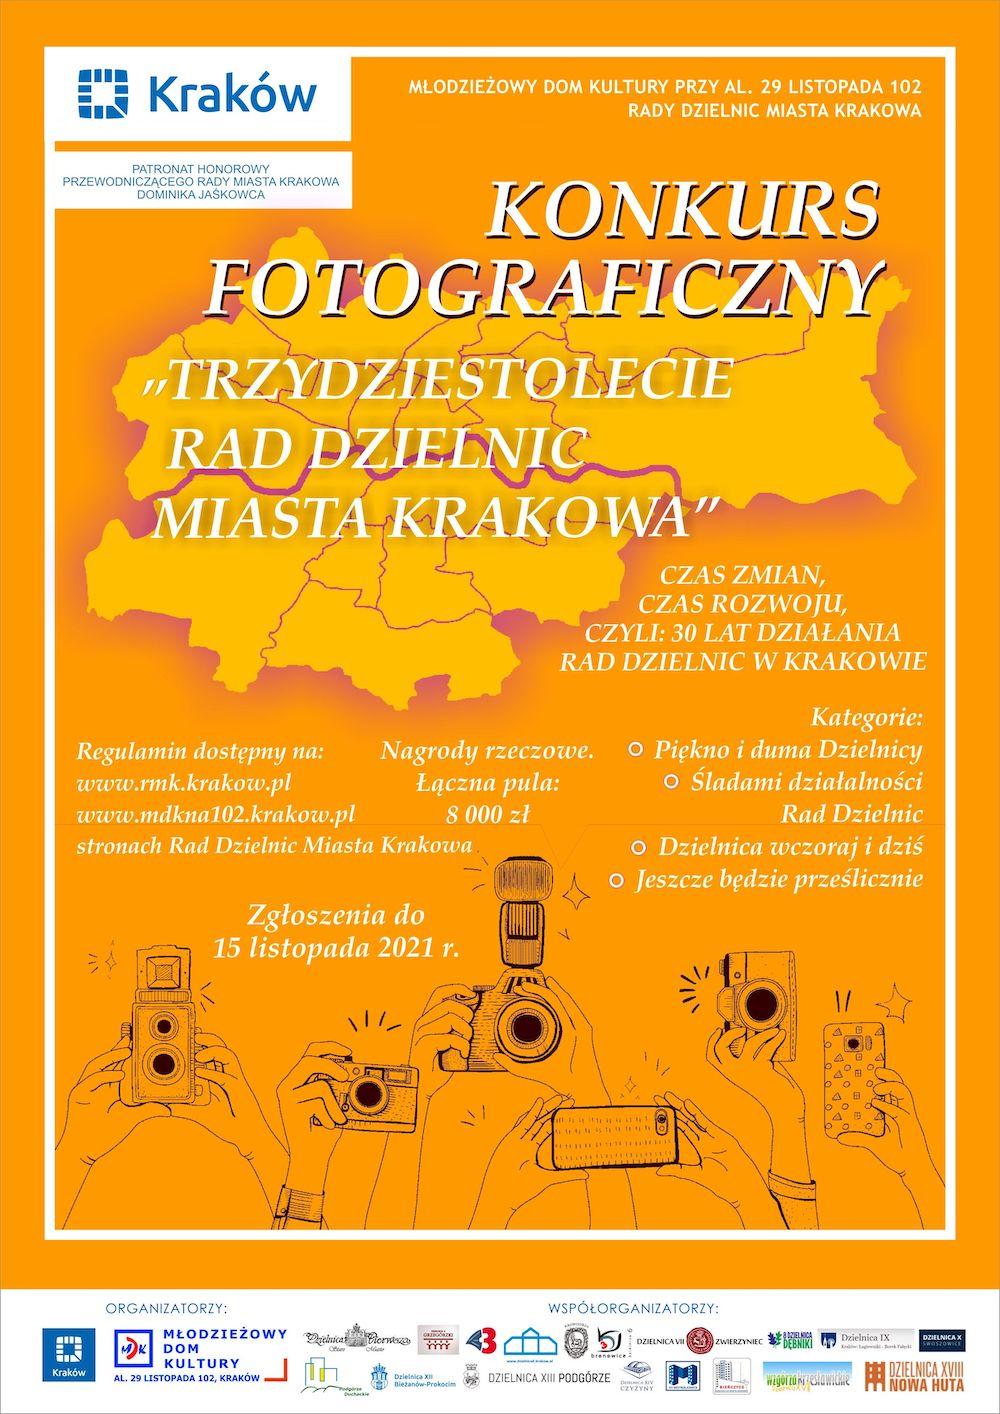 Konkurs fotograficzny z okazji 30-lecia Rad Dzielnic